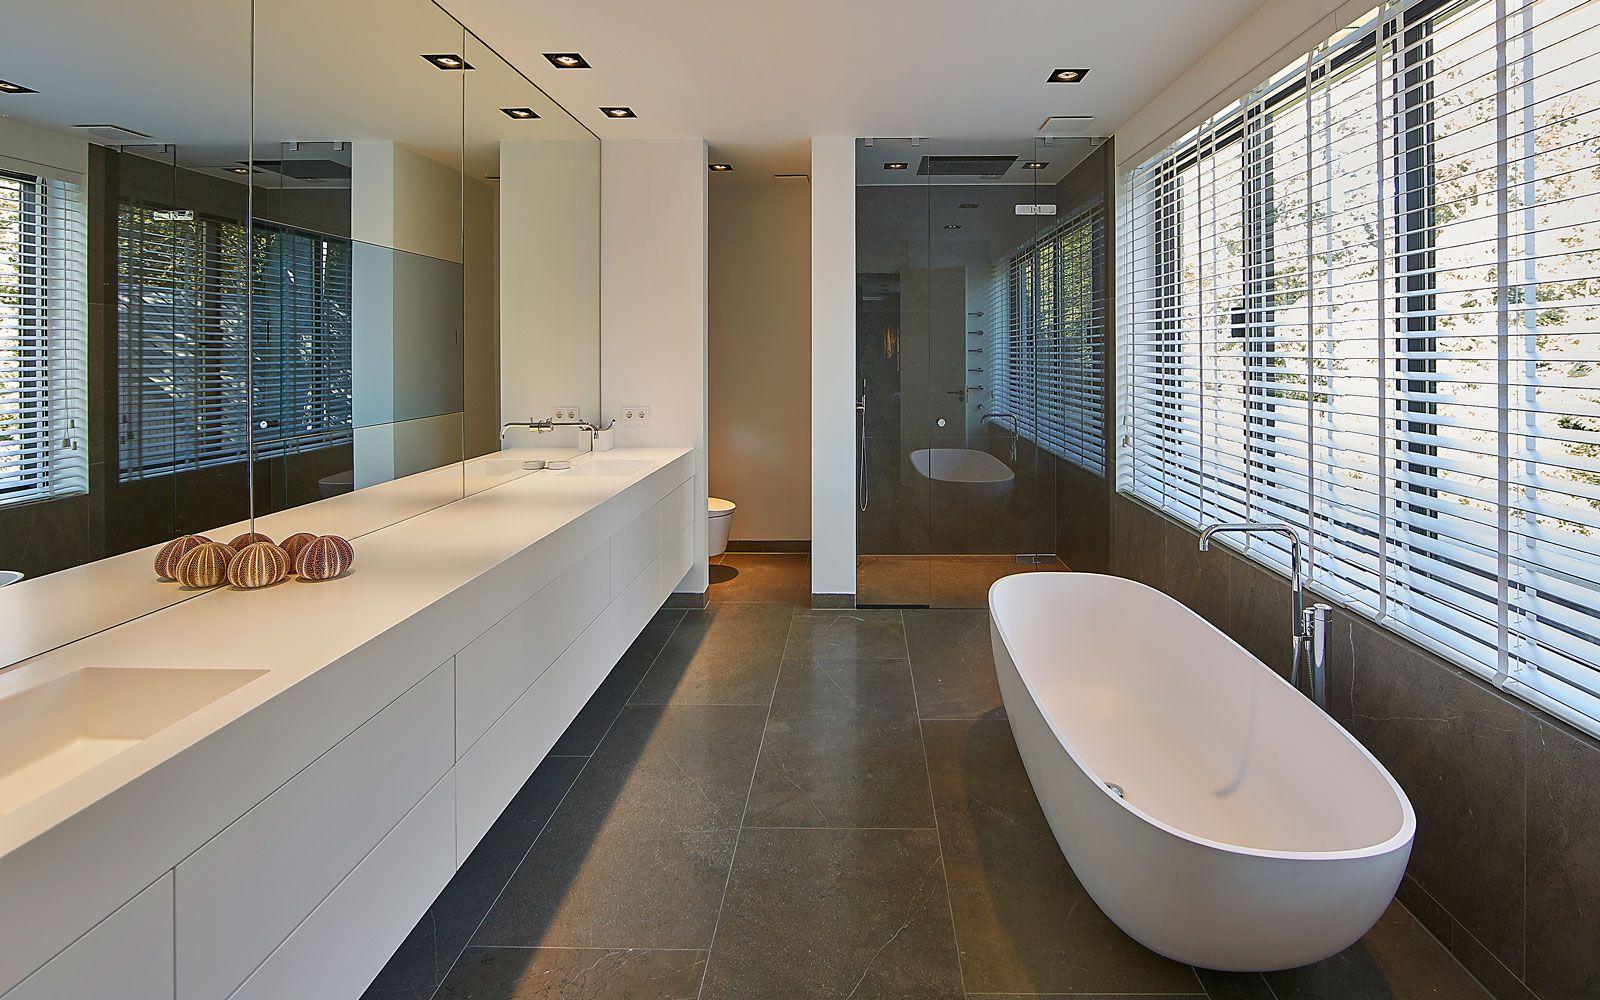 Mooie badkamer | Home: Bathrooms | Badkamers | Pinterest | Villas ...